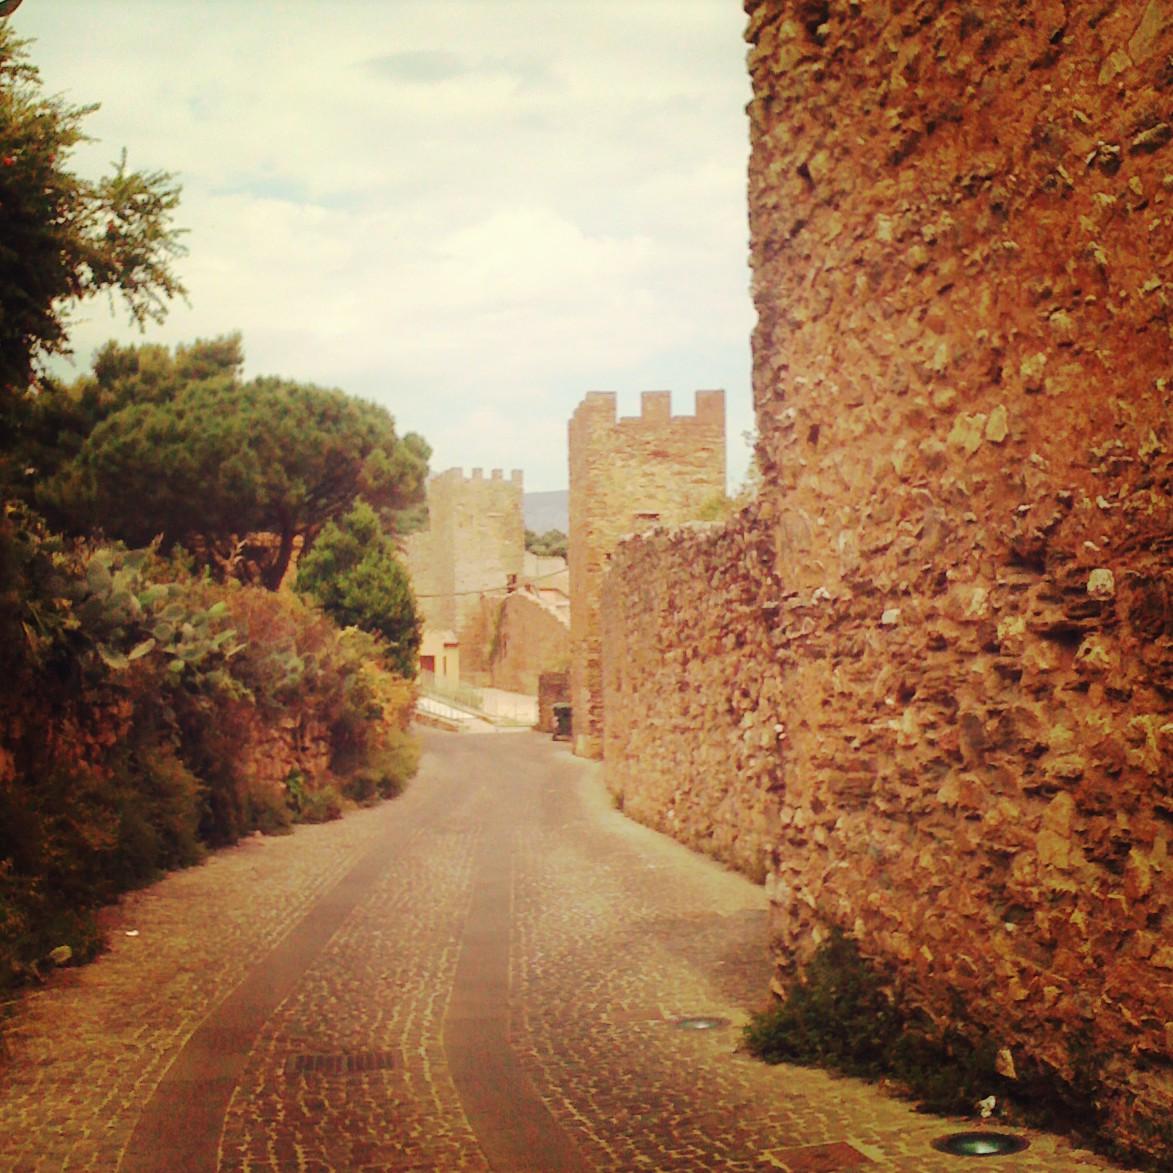 Libro Castello Di Le E Salvaterra Iglesias Il Fiera Pisane Del Mura vY6g7ybf